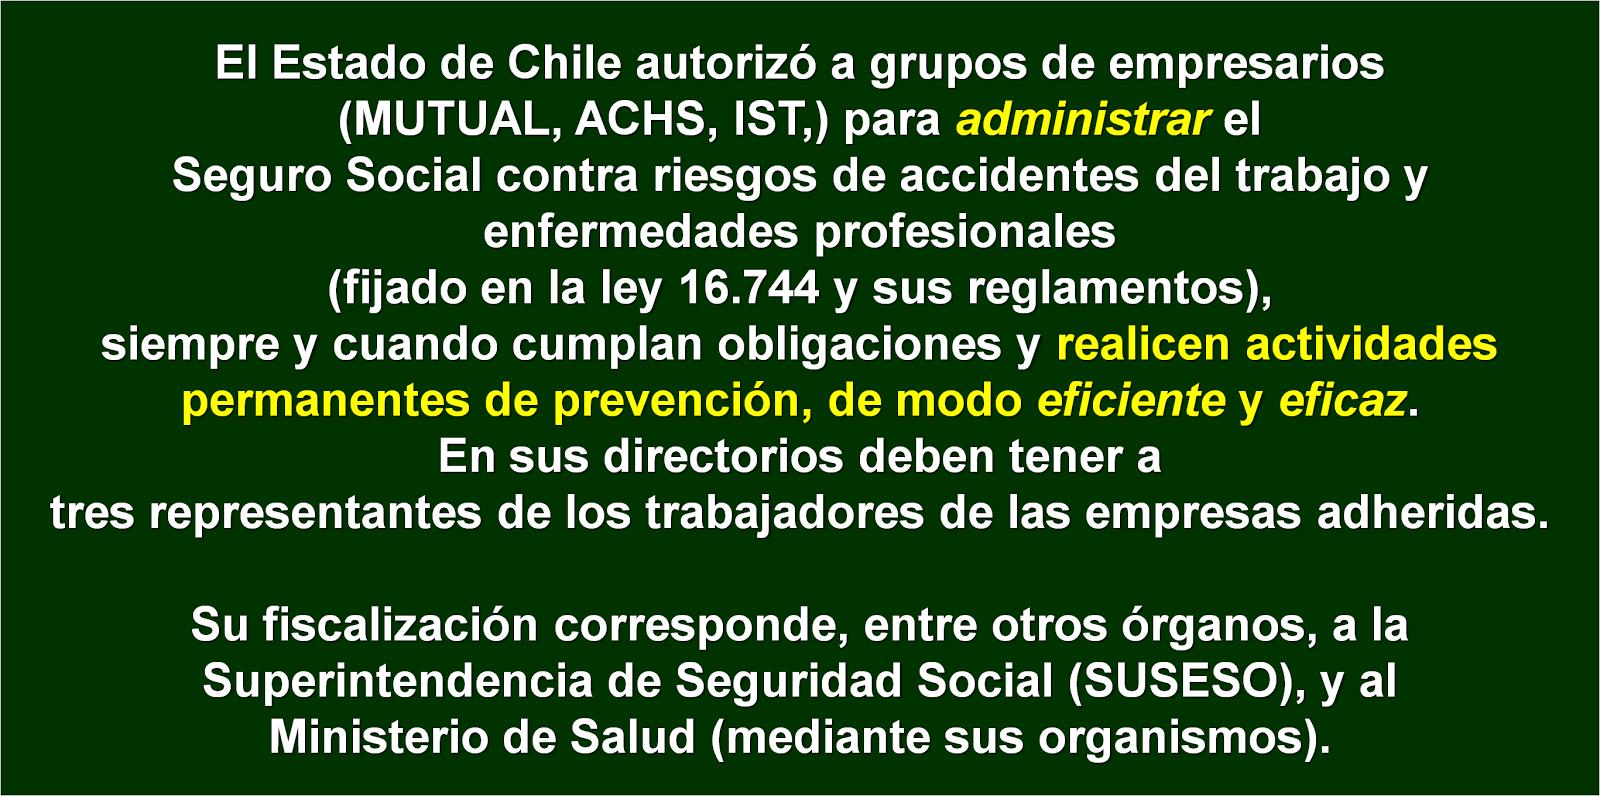 Administradoras (Mutuales) autorizadas bajo condiciones.